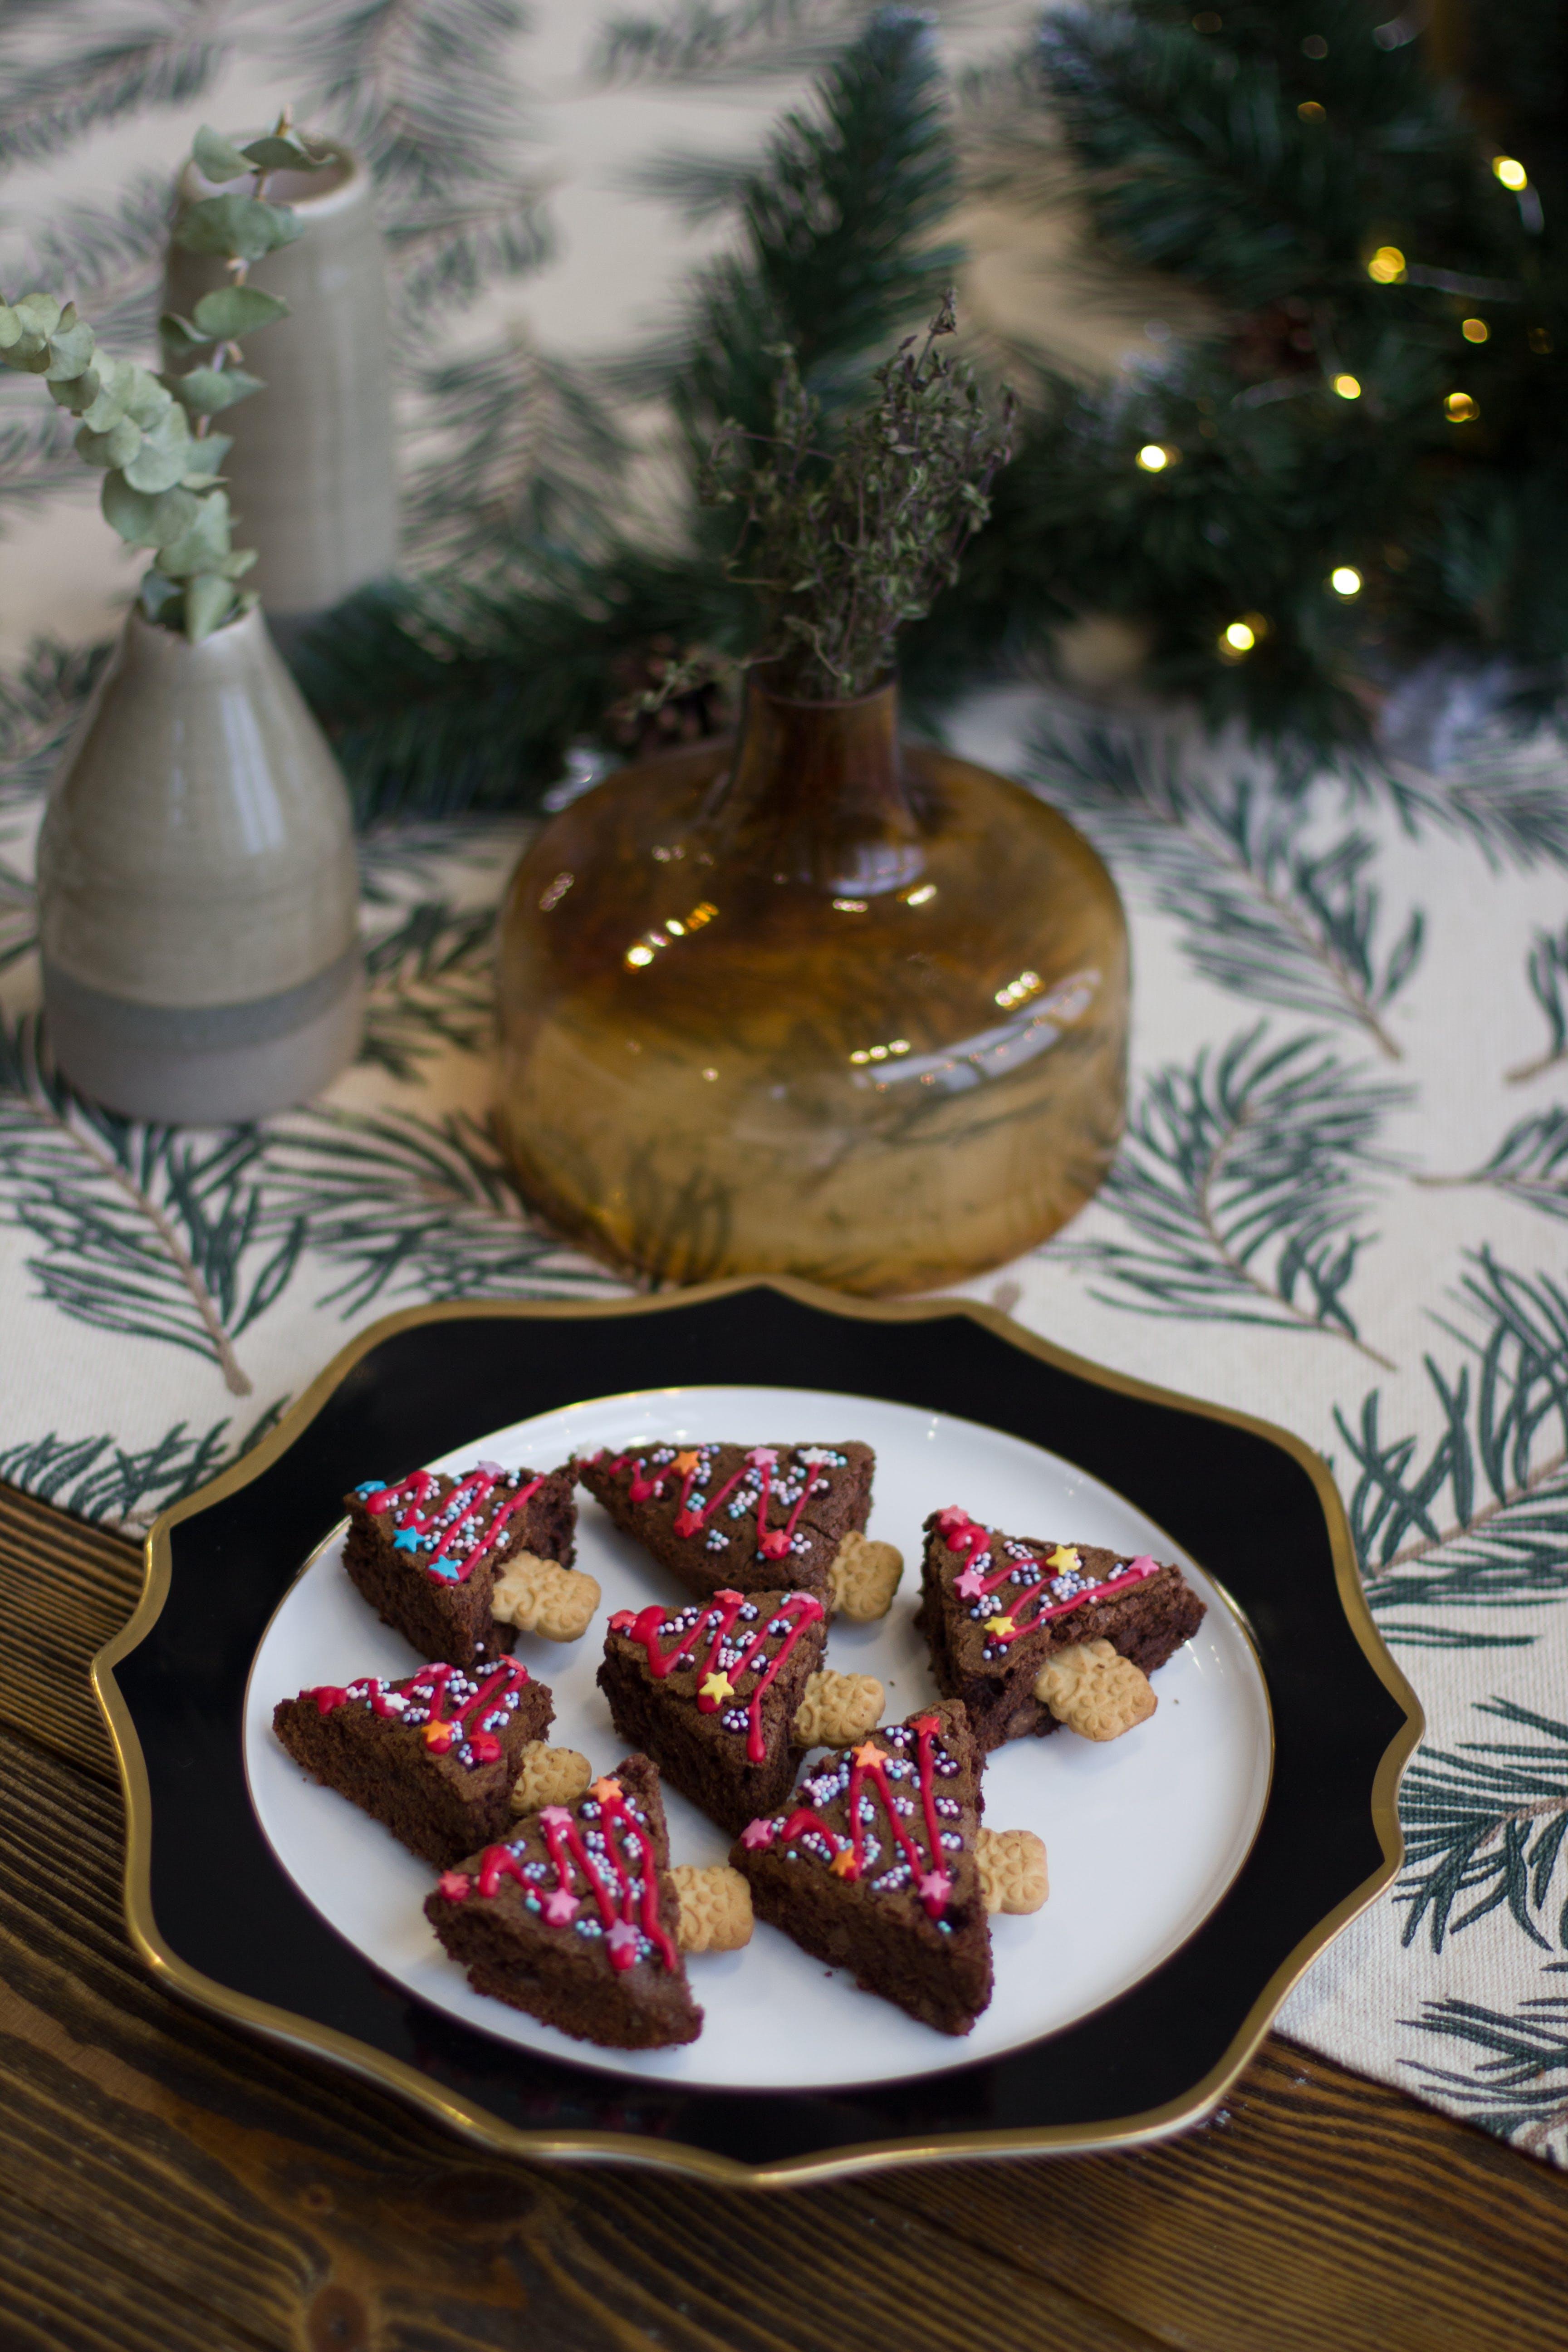 Chocolate Munchies on Ceramic Plate